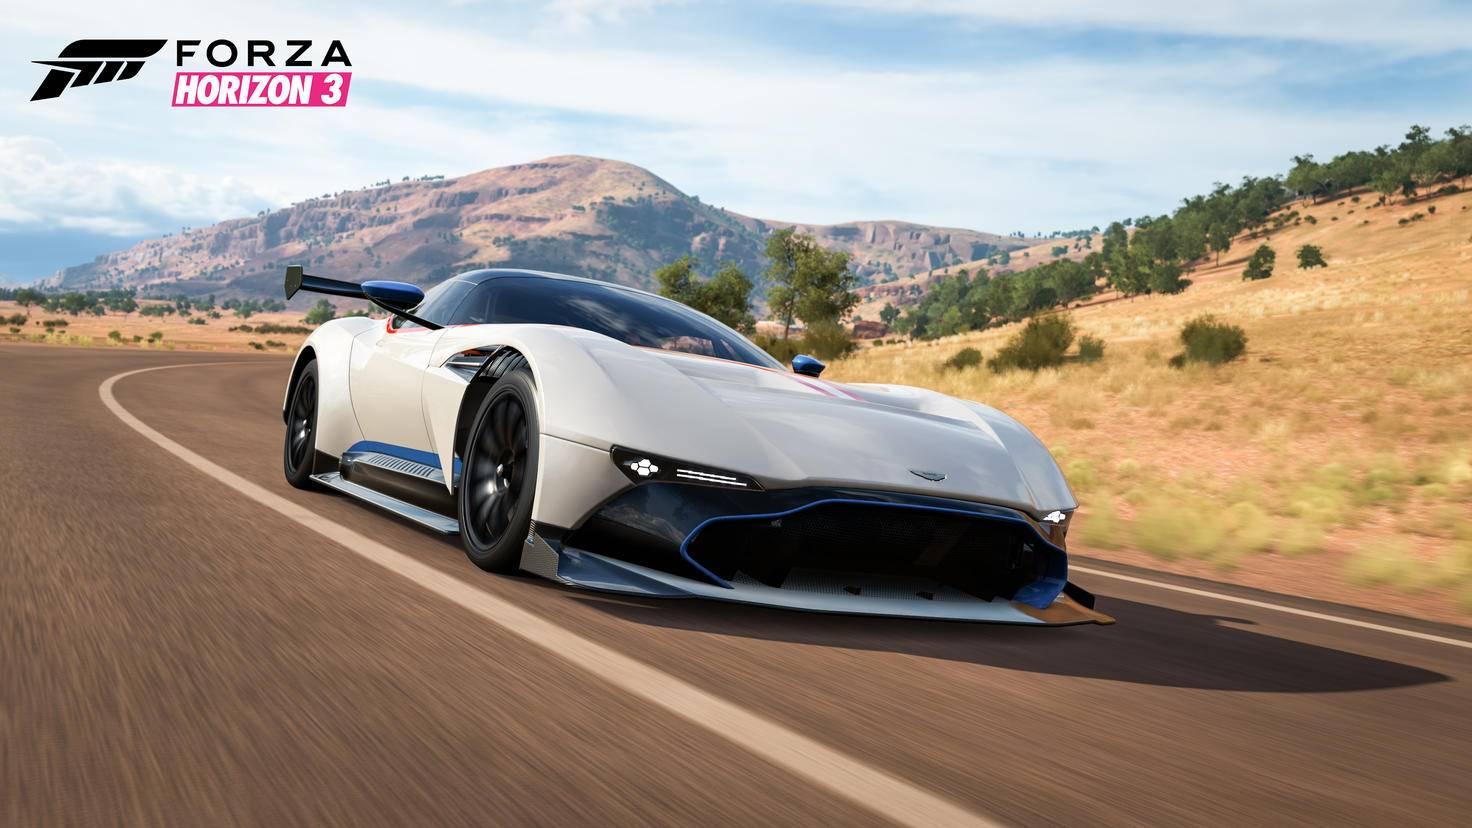 2016 Aston Martin Vulcan in Forza Horizon 3